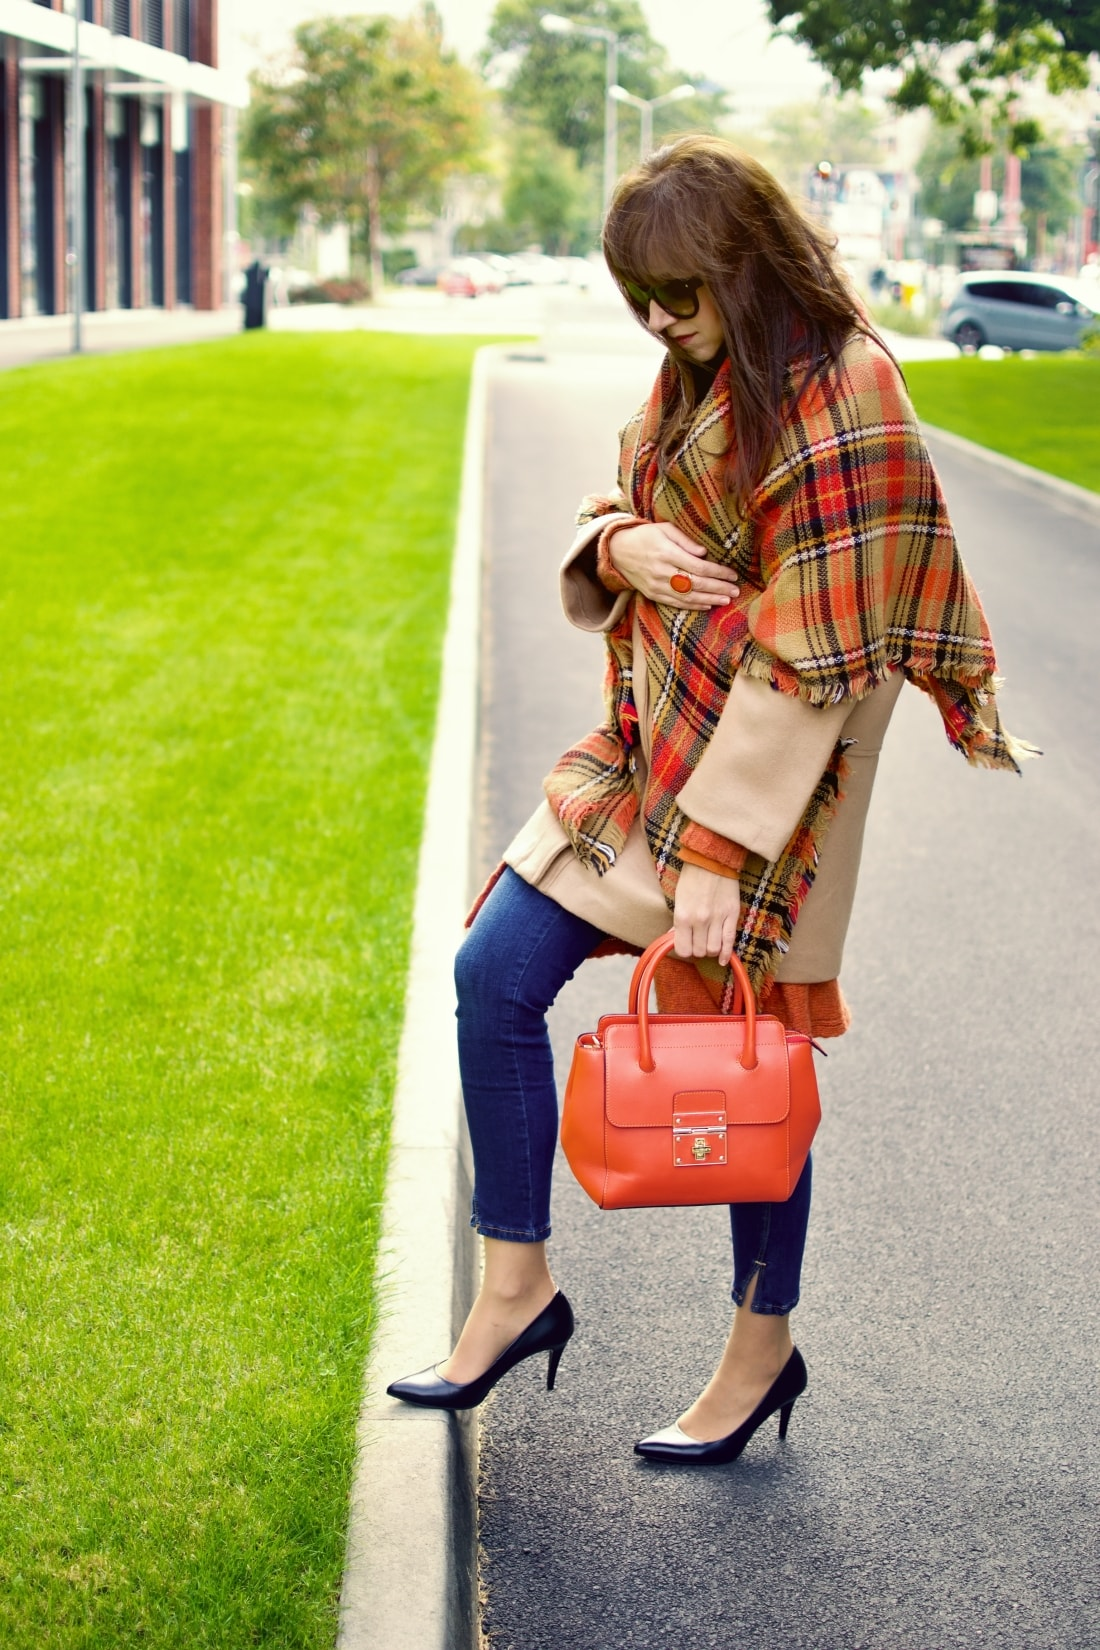 Outfit vecou nálady_Katharine-fashion is beautiful_ blog 4_Tartanový šál_Béžový kabát Mango_Oranžová kabelka Nucelle_Katarína Jakubčová_Fashion blogger